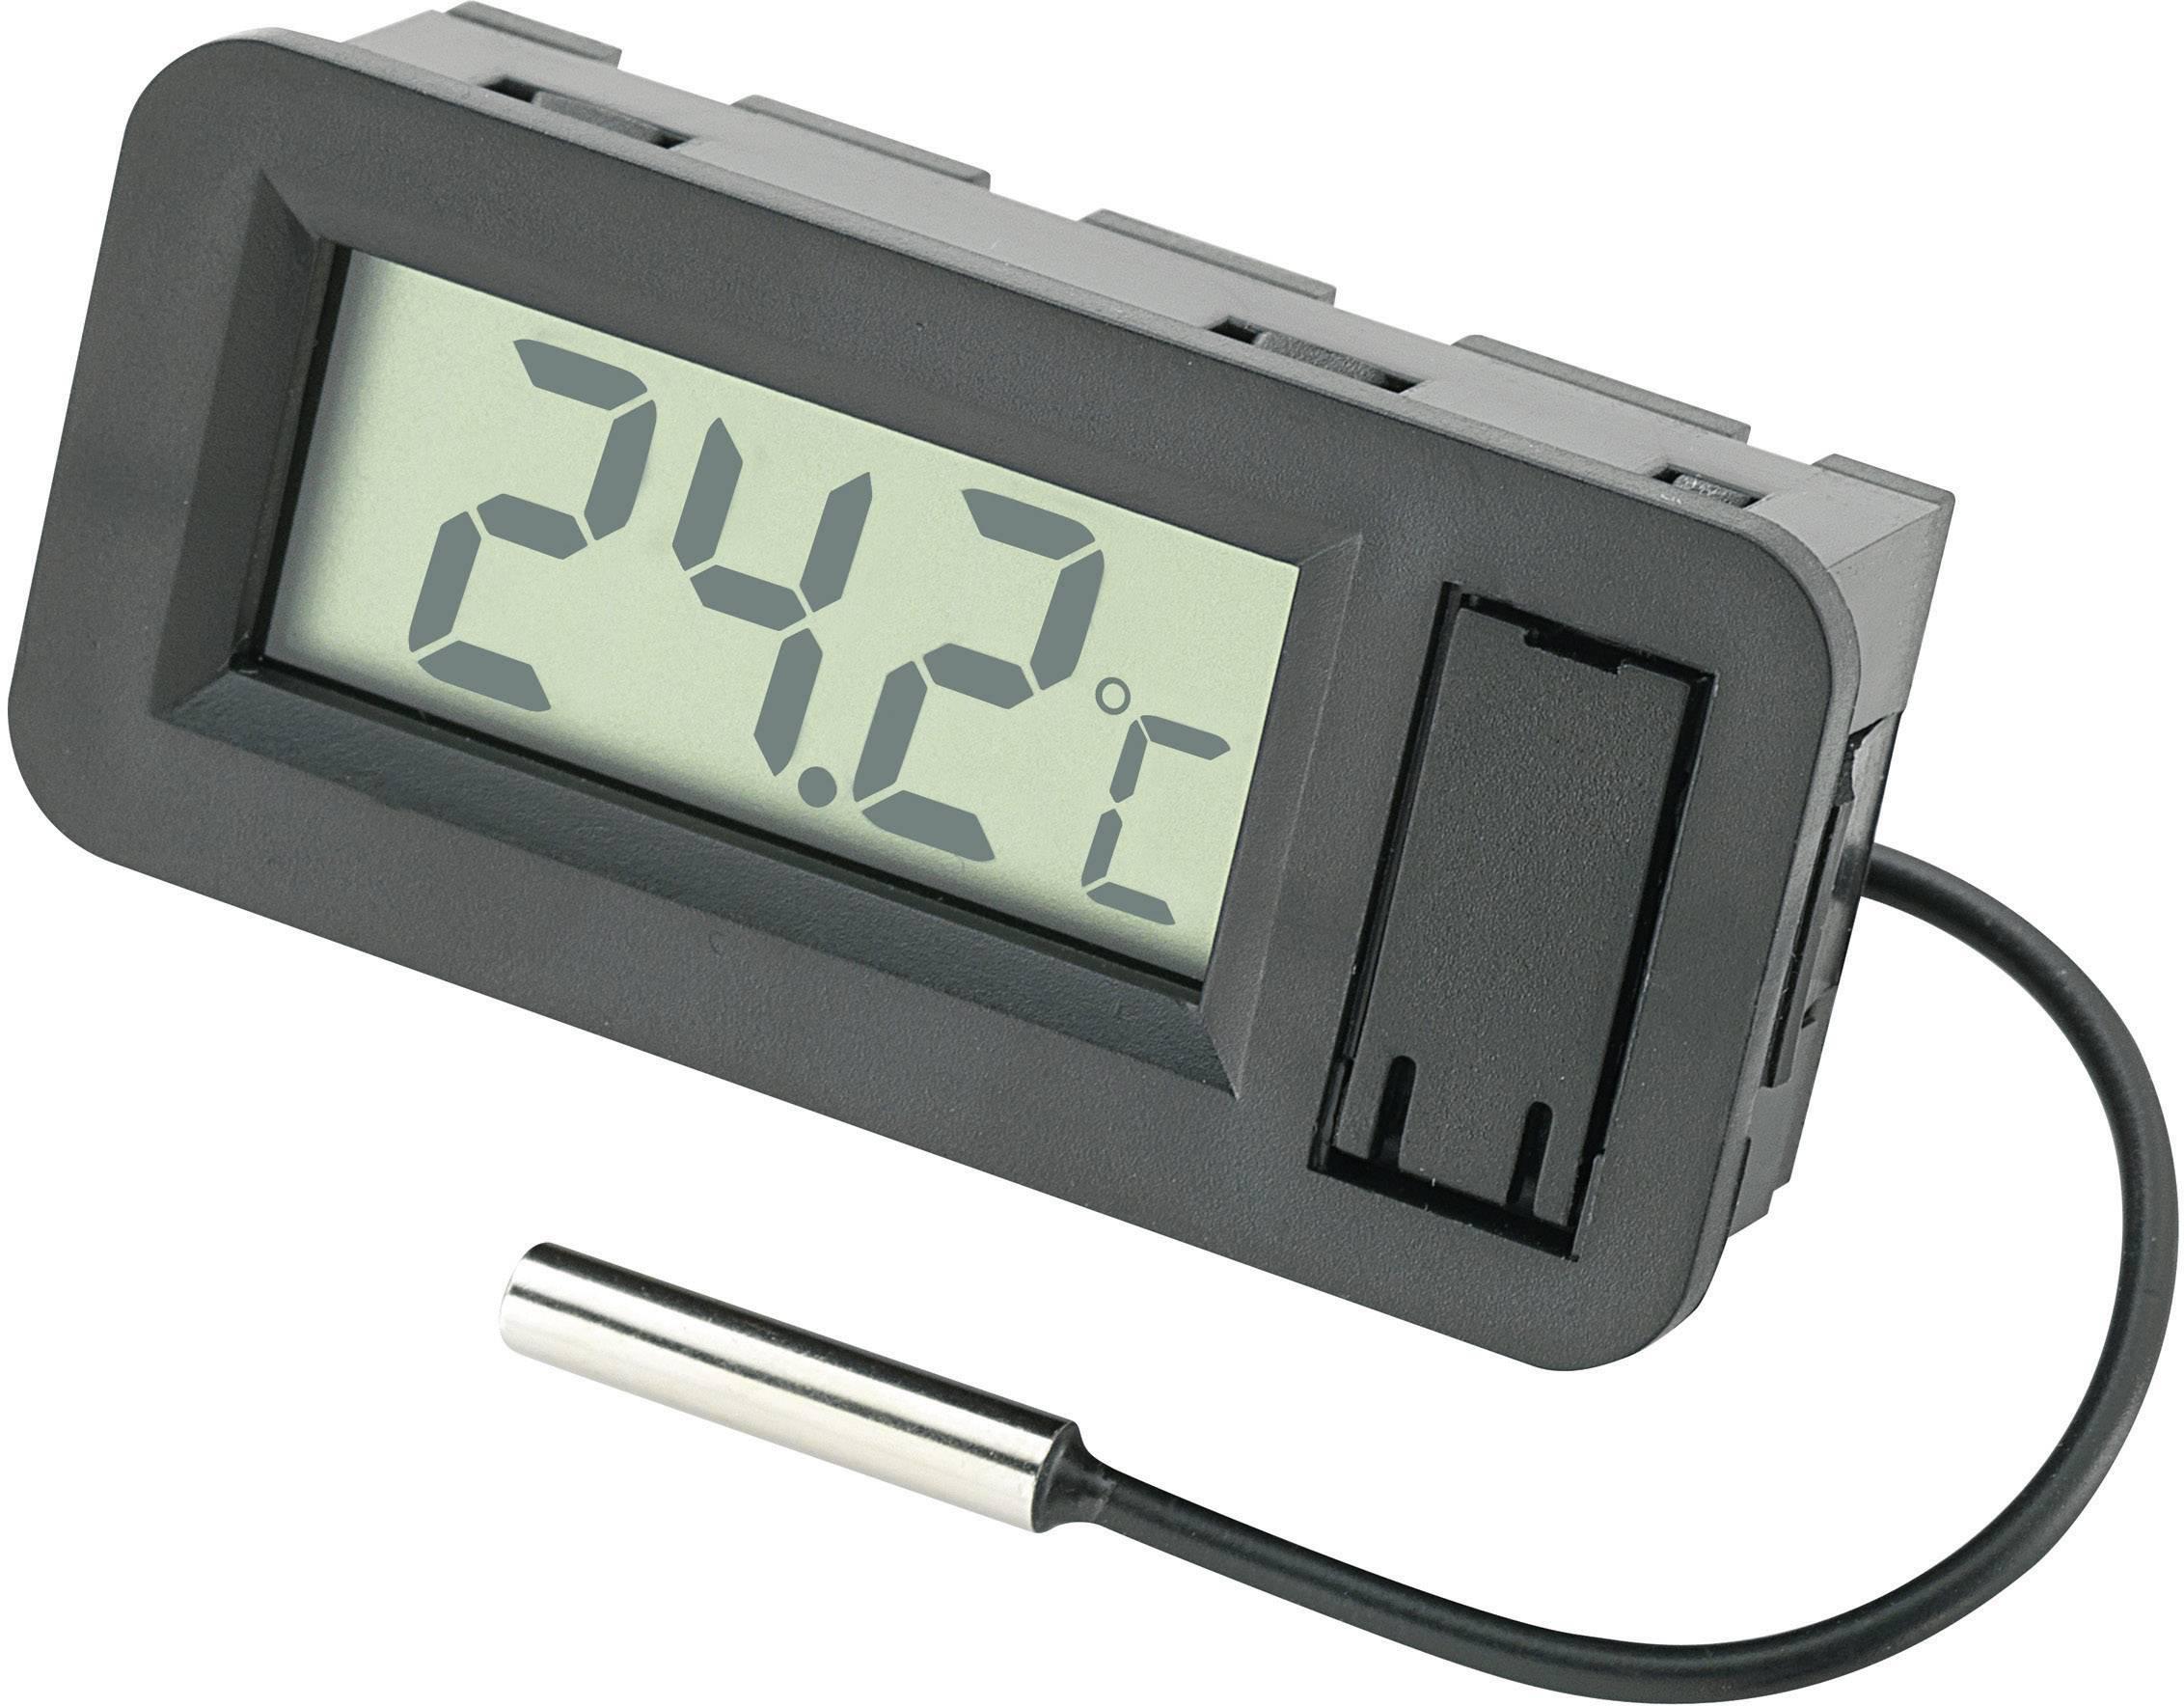 Basetech BT-80 digitalni ugradbeni mjerni uređaj Modul za LCD prikaz temperature BT-80